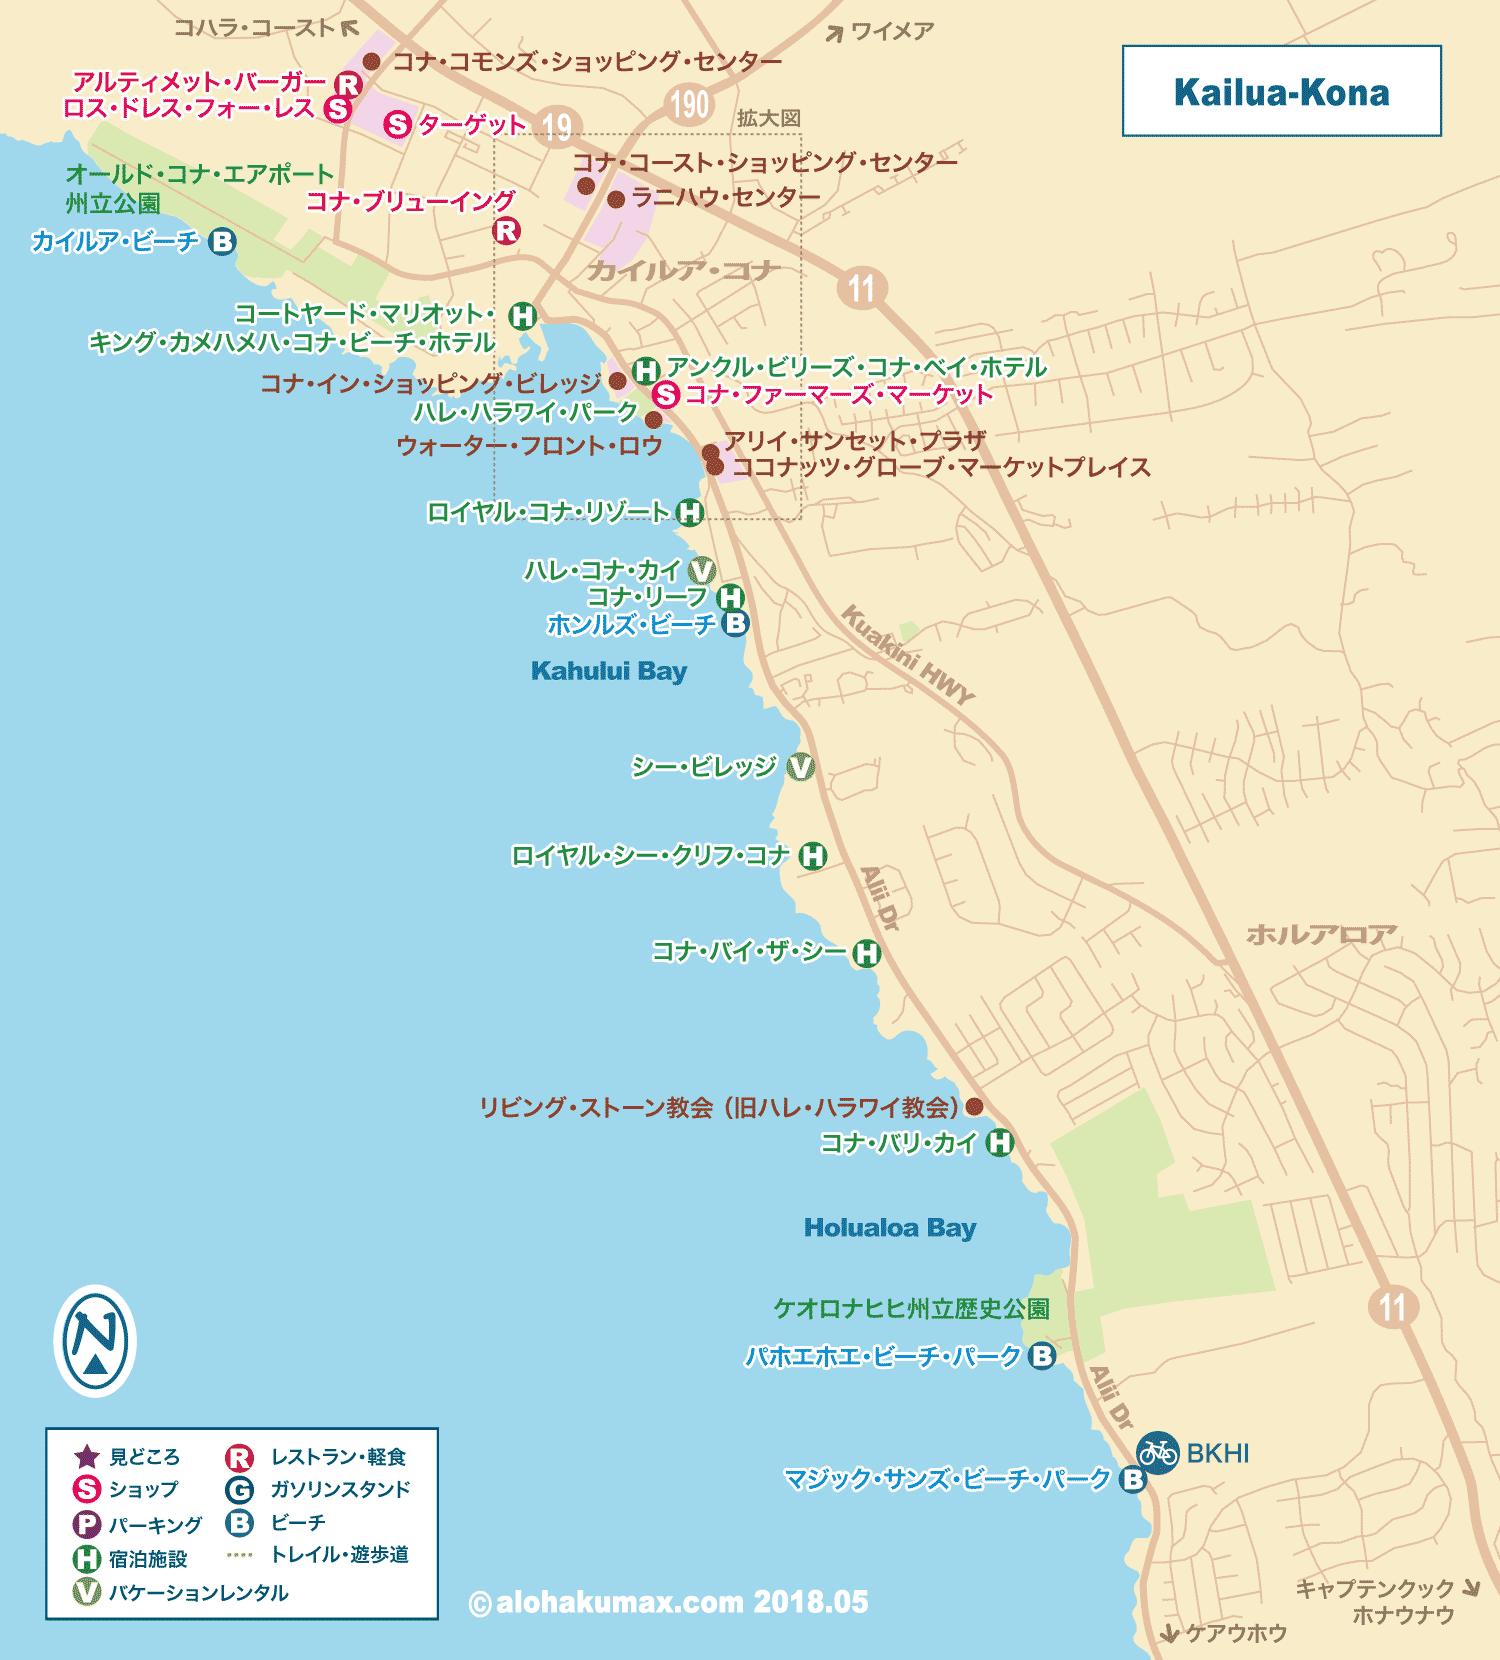 カイルア・コナ 広域図